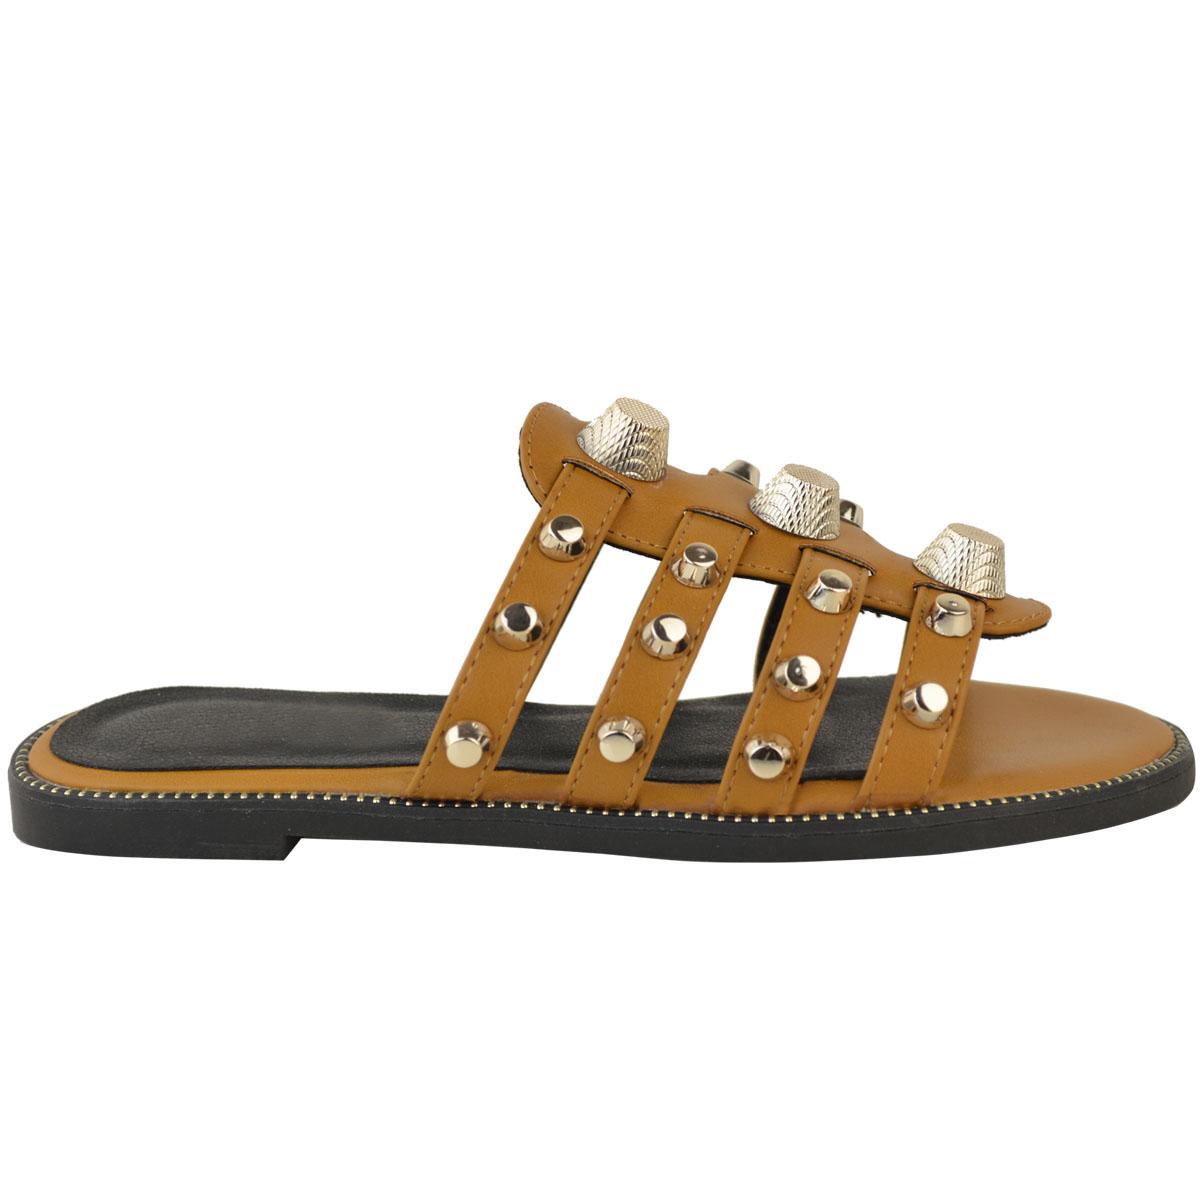 Womens Ladies Slip On Designer Inspired Embellished Studded Sandals Sliders Size